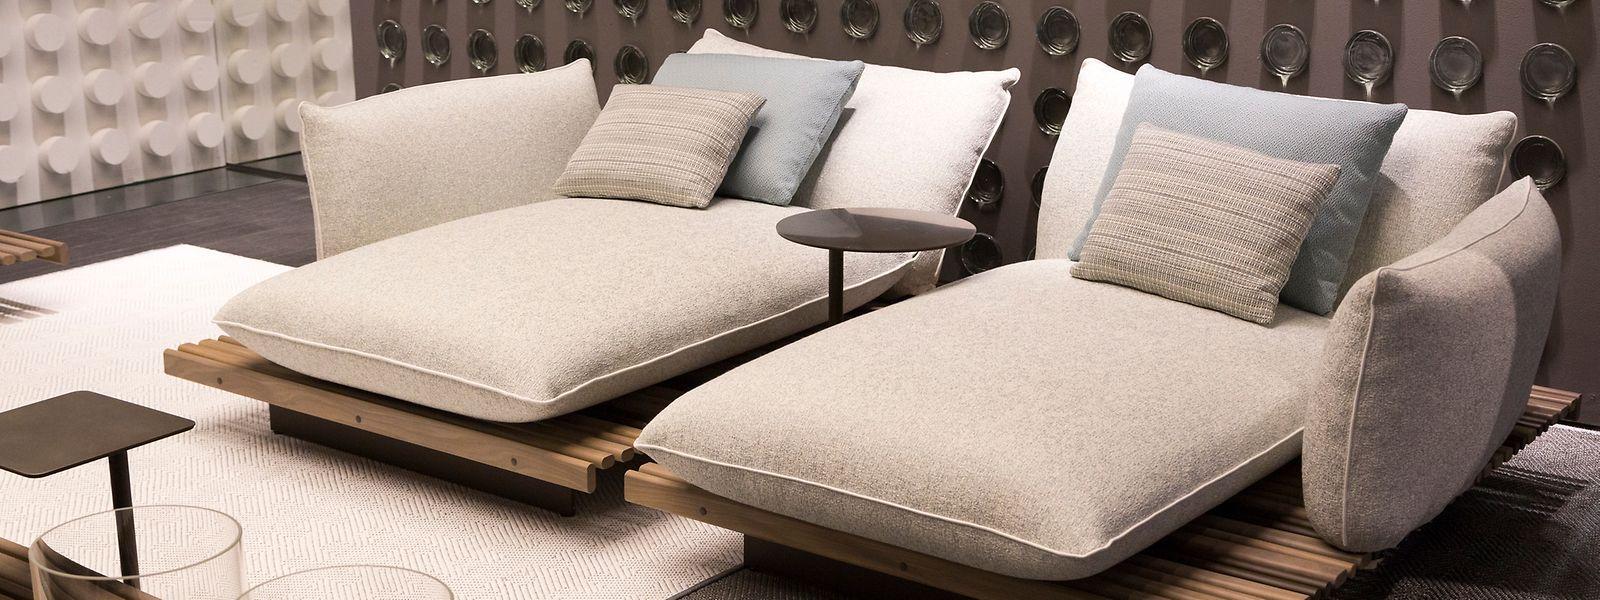 """Vom Outdoor-Bereich inspiriert:Schlafzimmer """"Pure Atmospheres"""" von Giorgetti."""